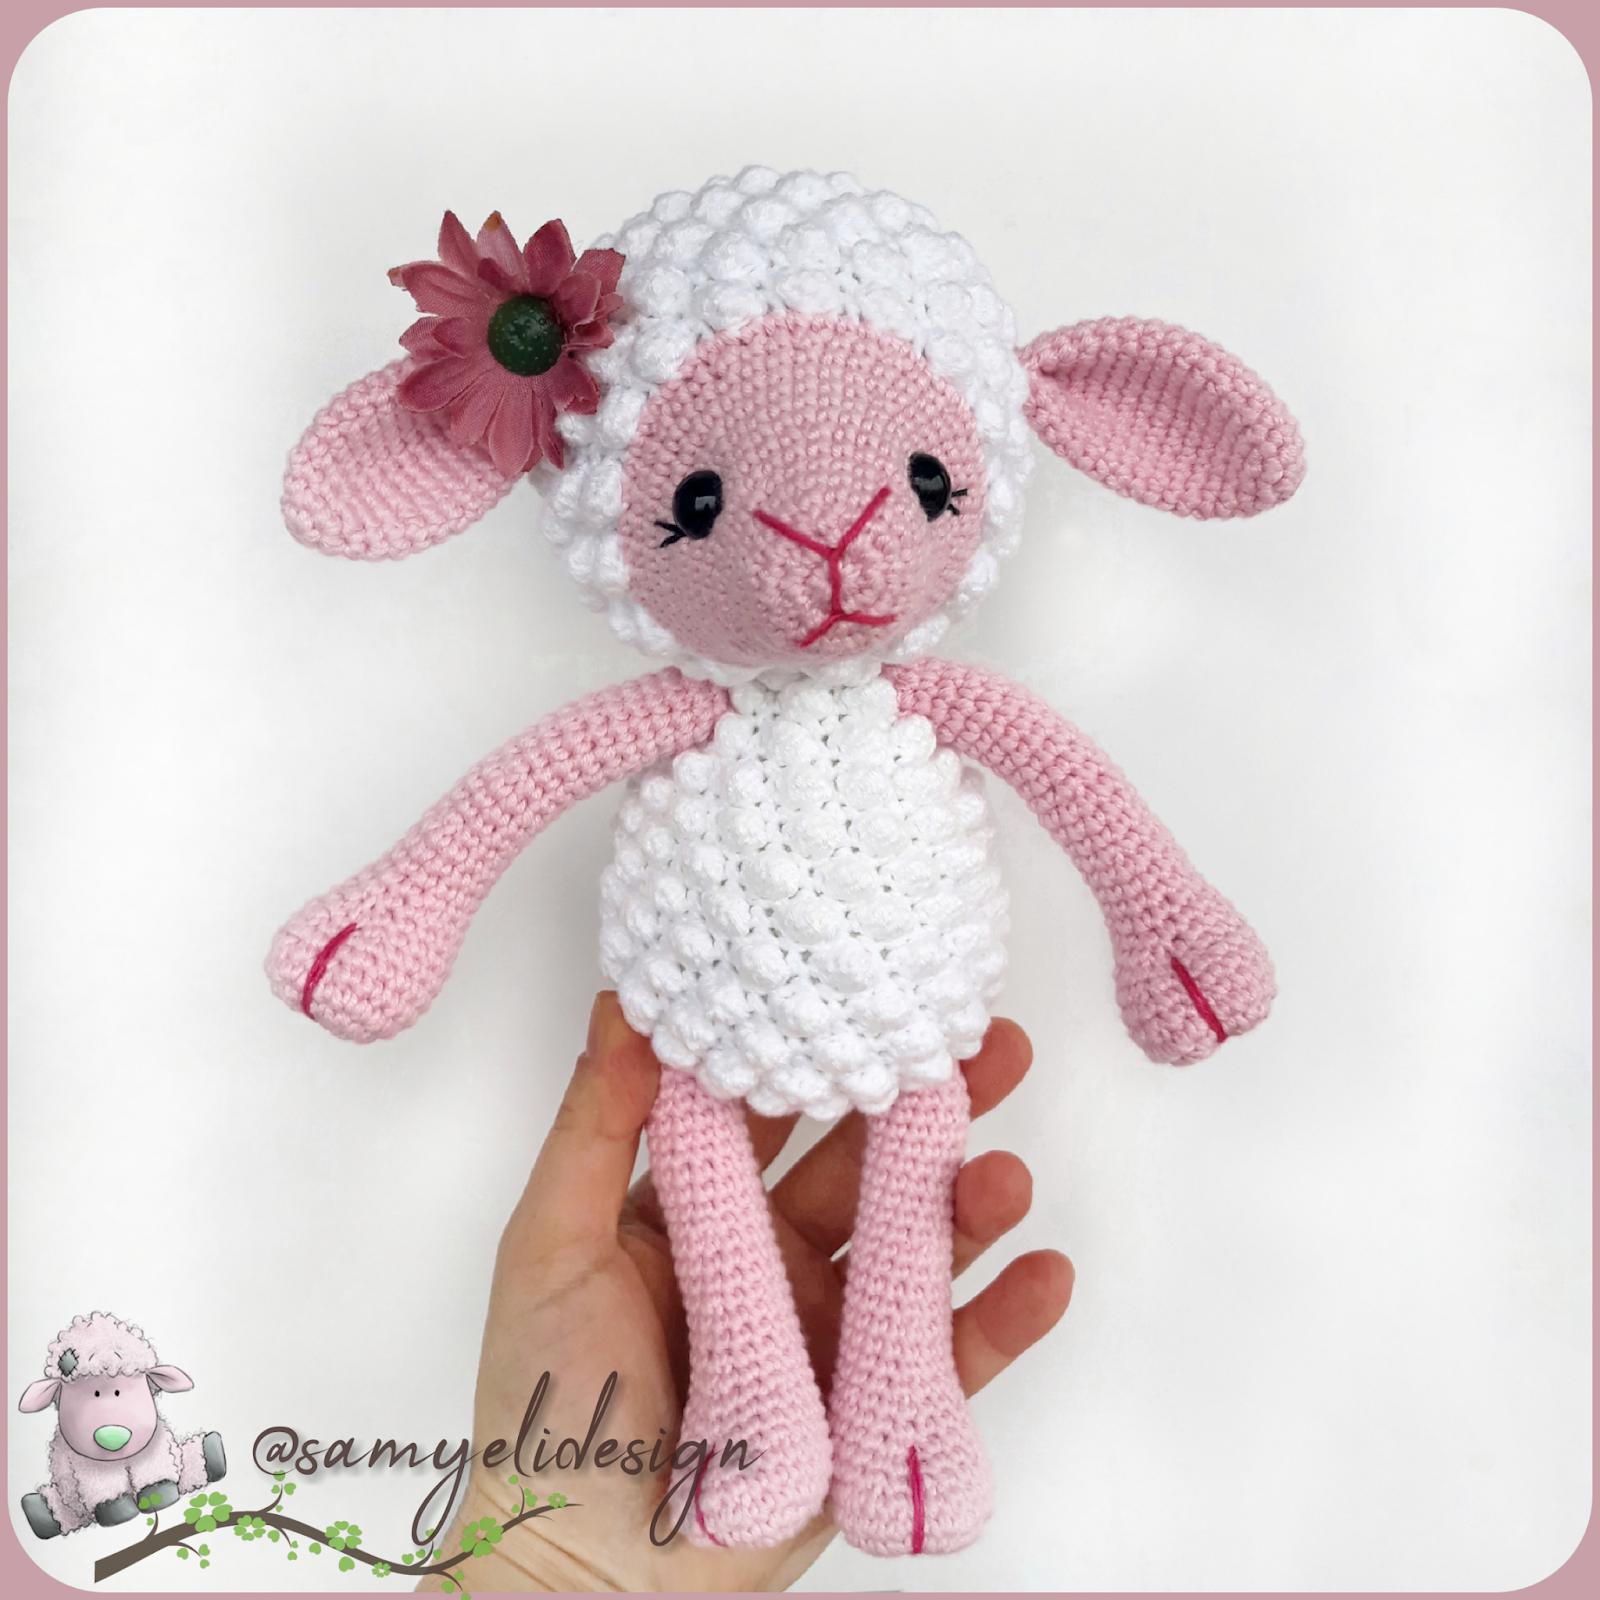 -amigurumi-bunny-anahtarlik-ucretsiz-desen-14 Amigurumi Bunny Anahtarlık Ücretsiz Desen